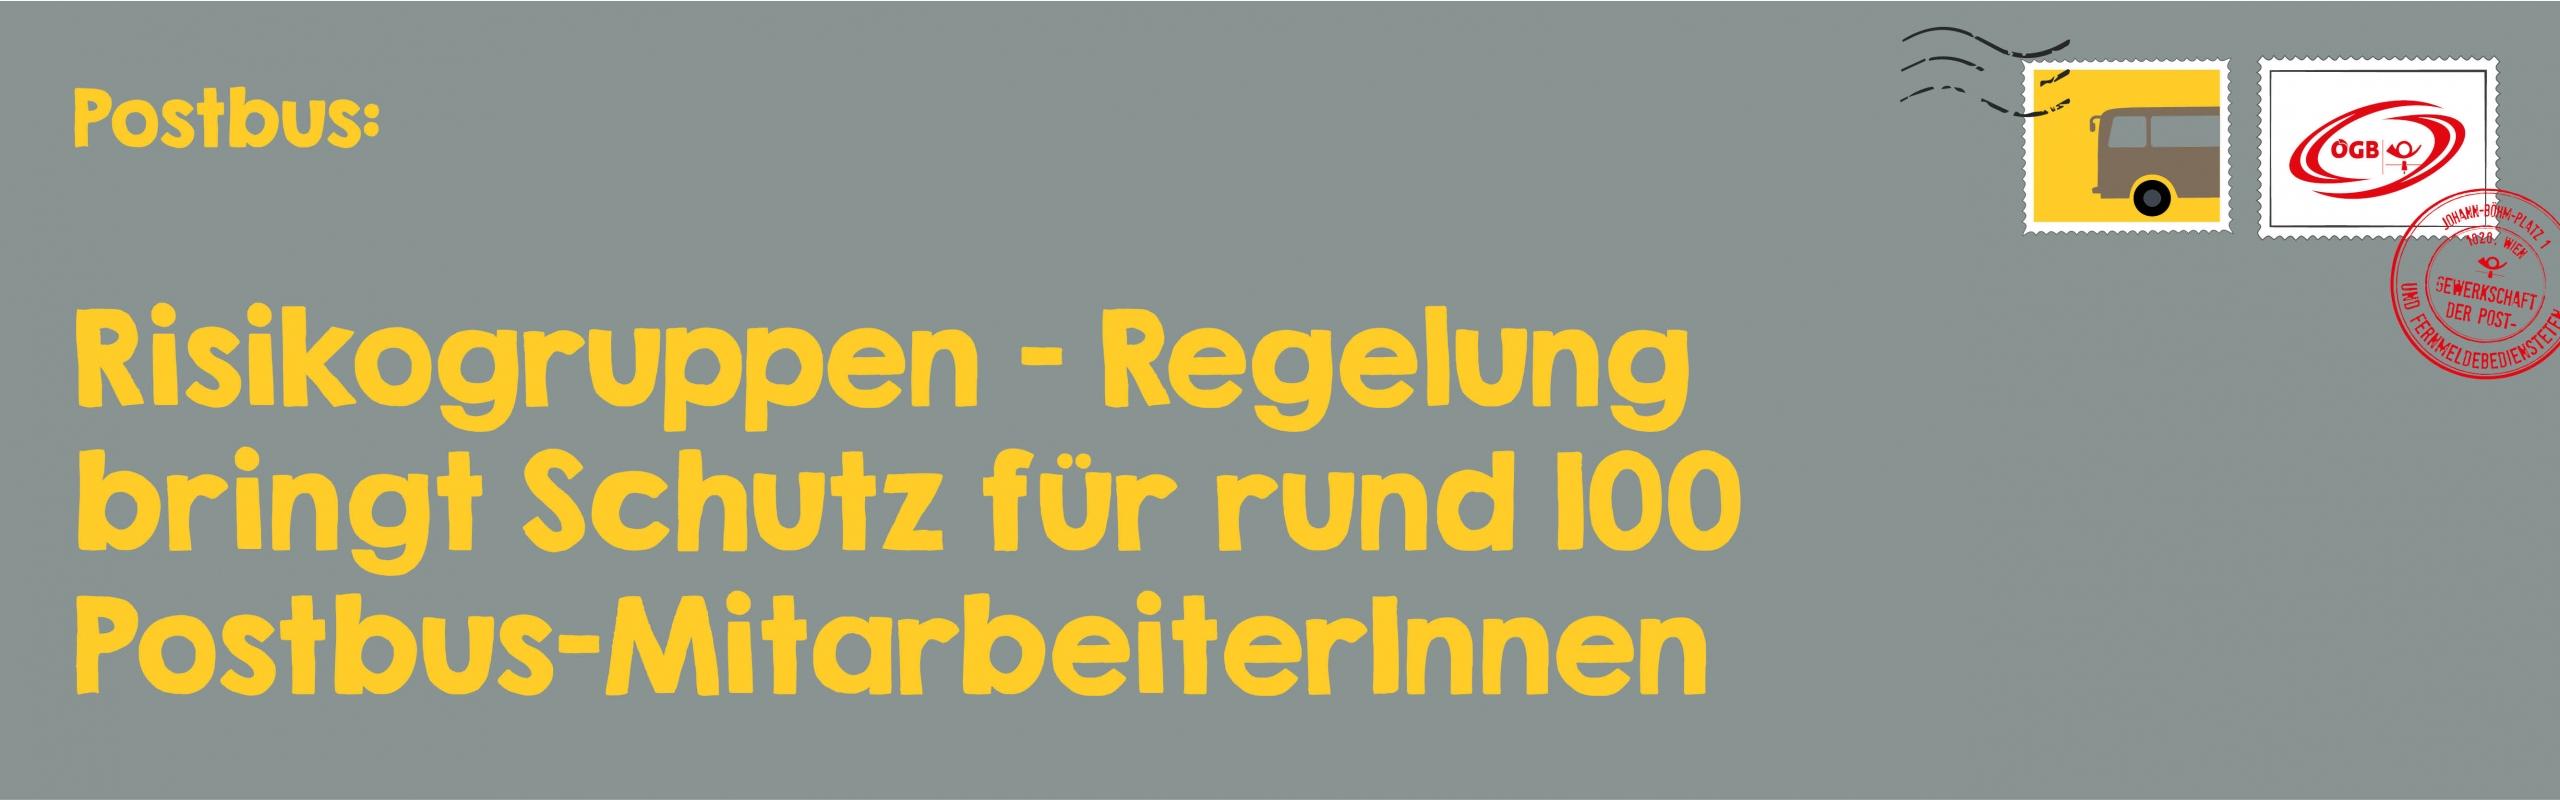 OTS-Postbus_Risikogruppen_Banner